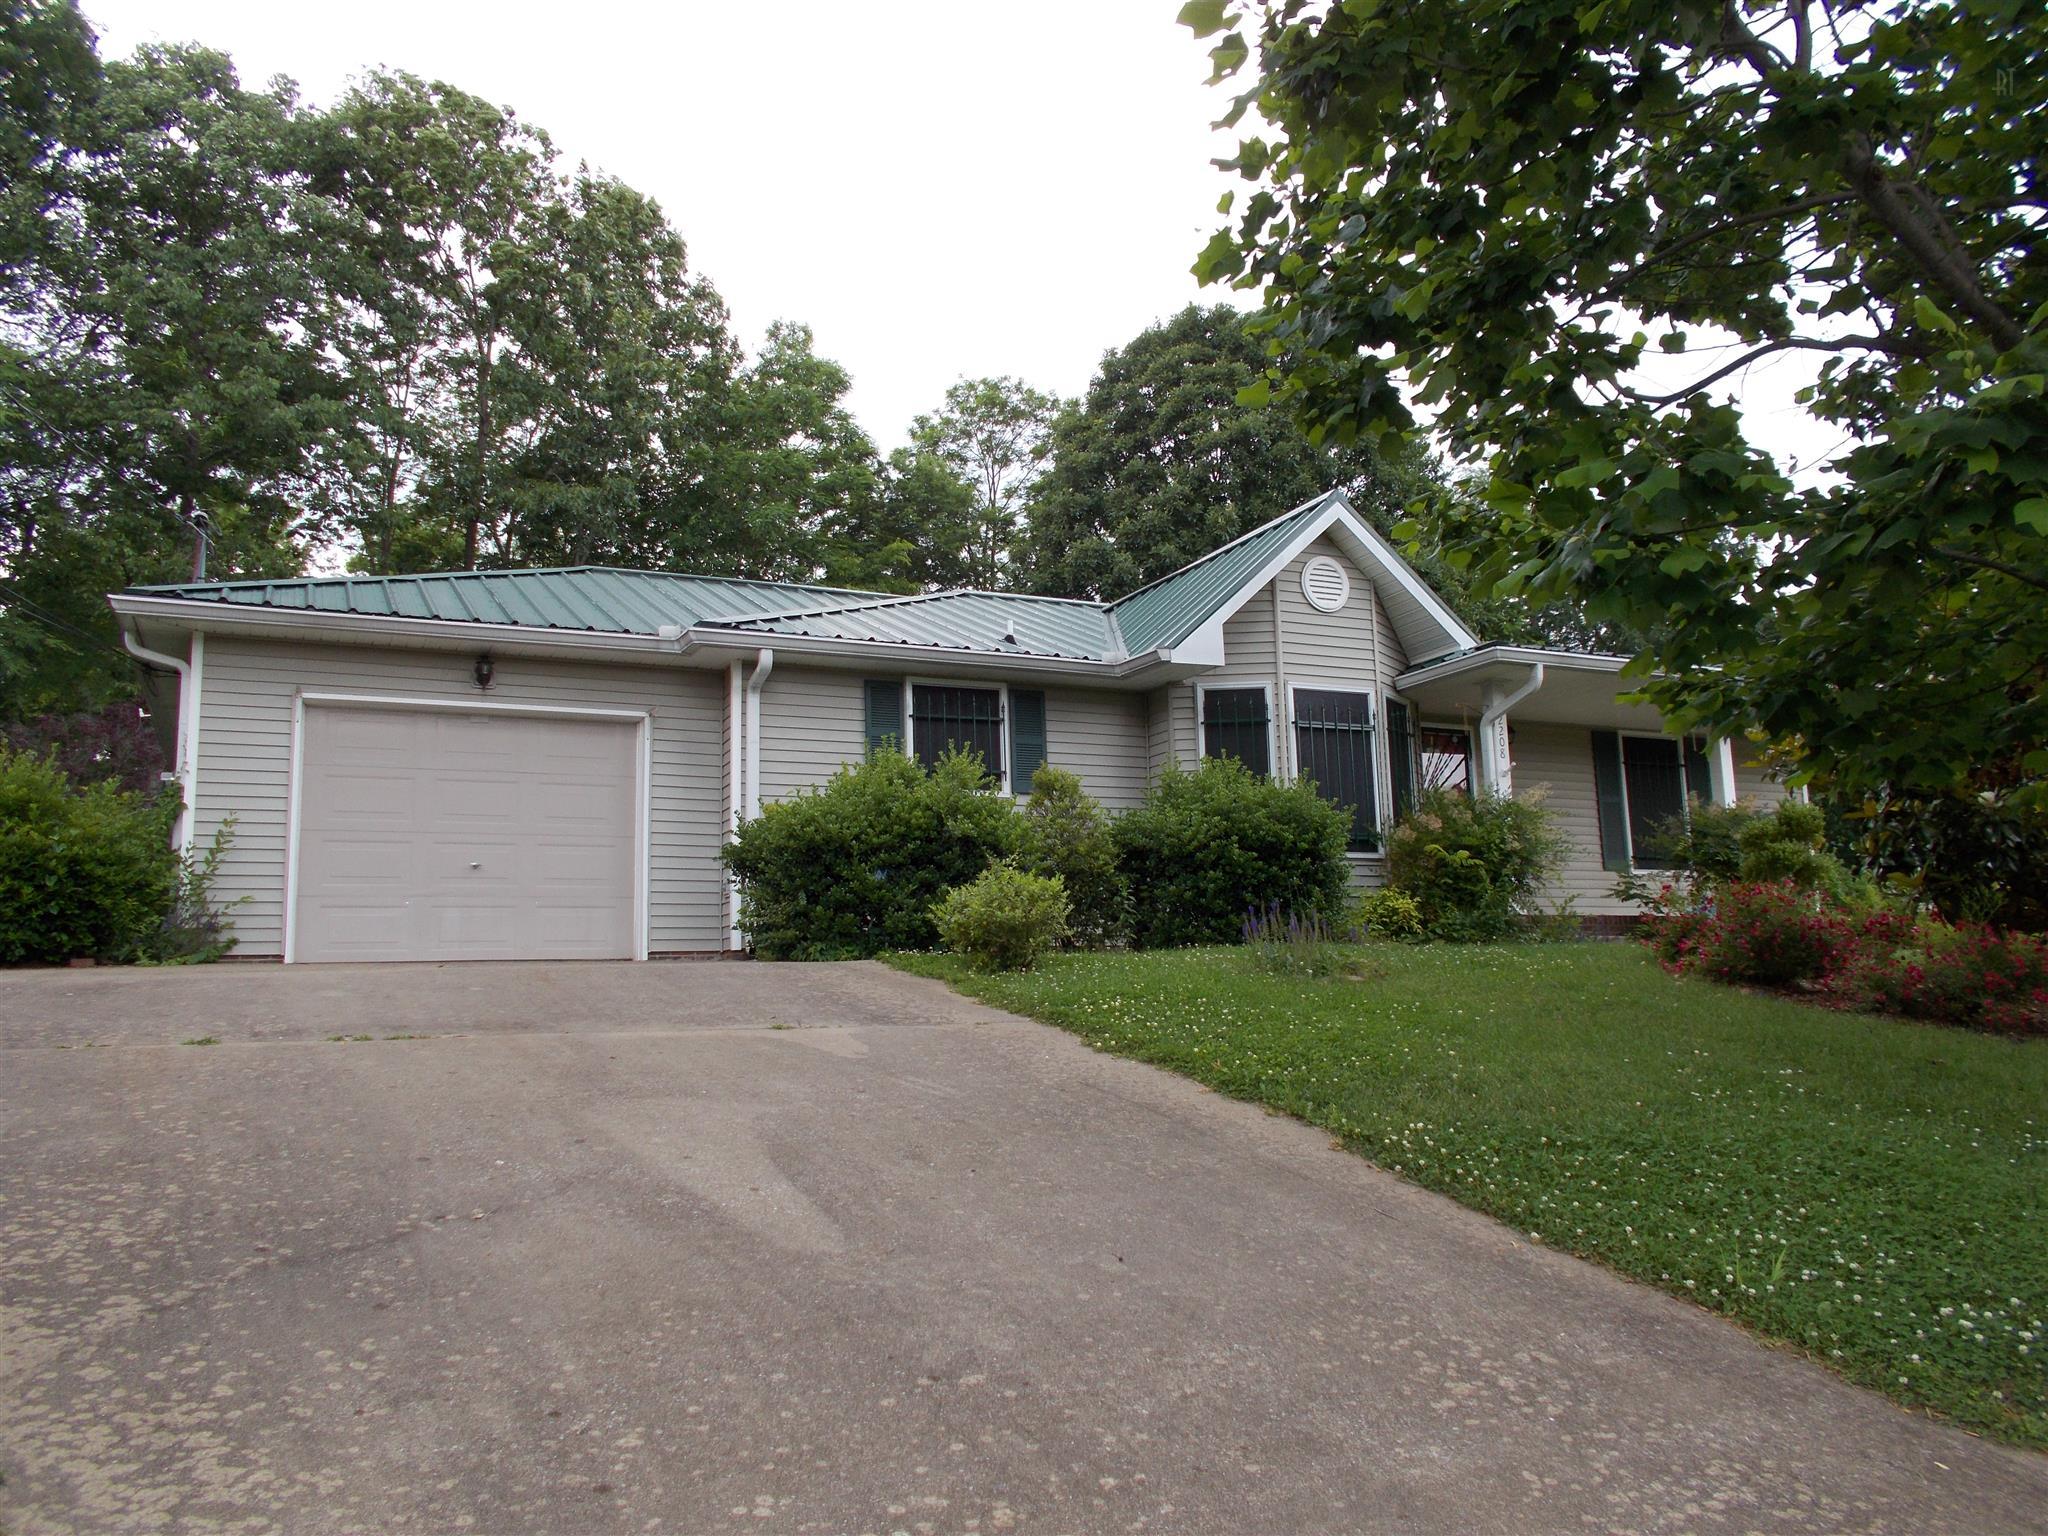 2208 Mason Ct, Clarksville, TN 37043